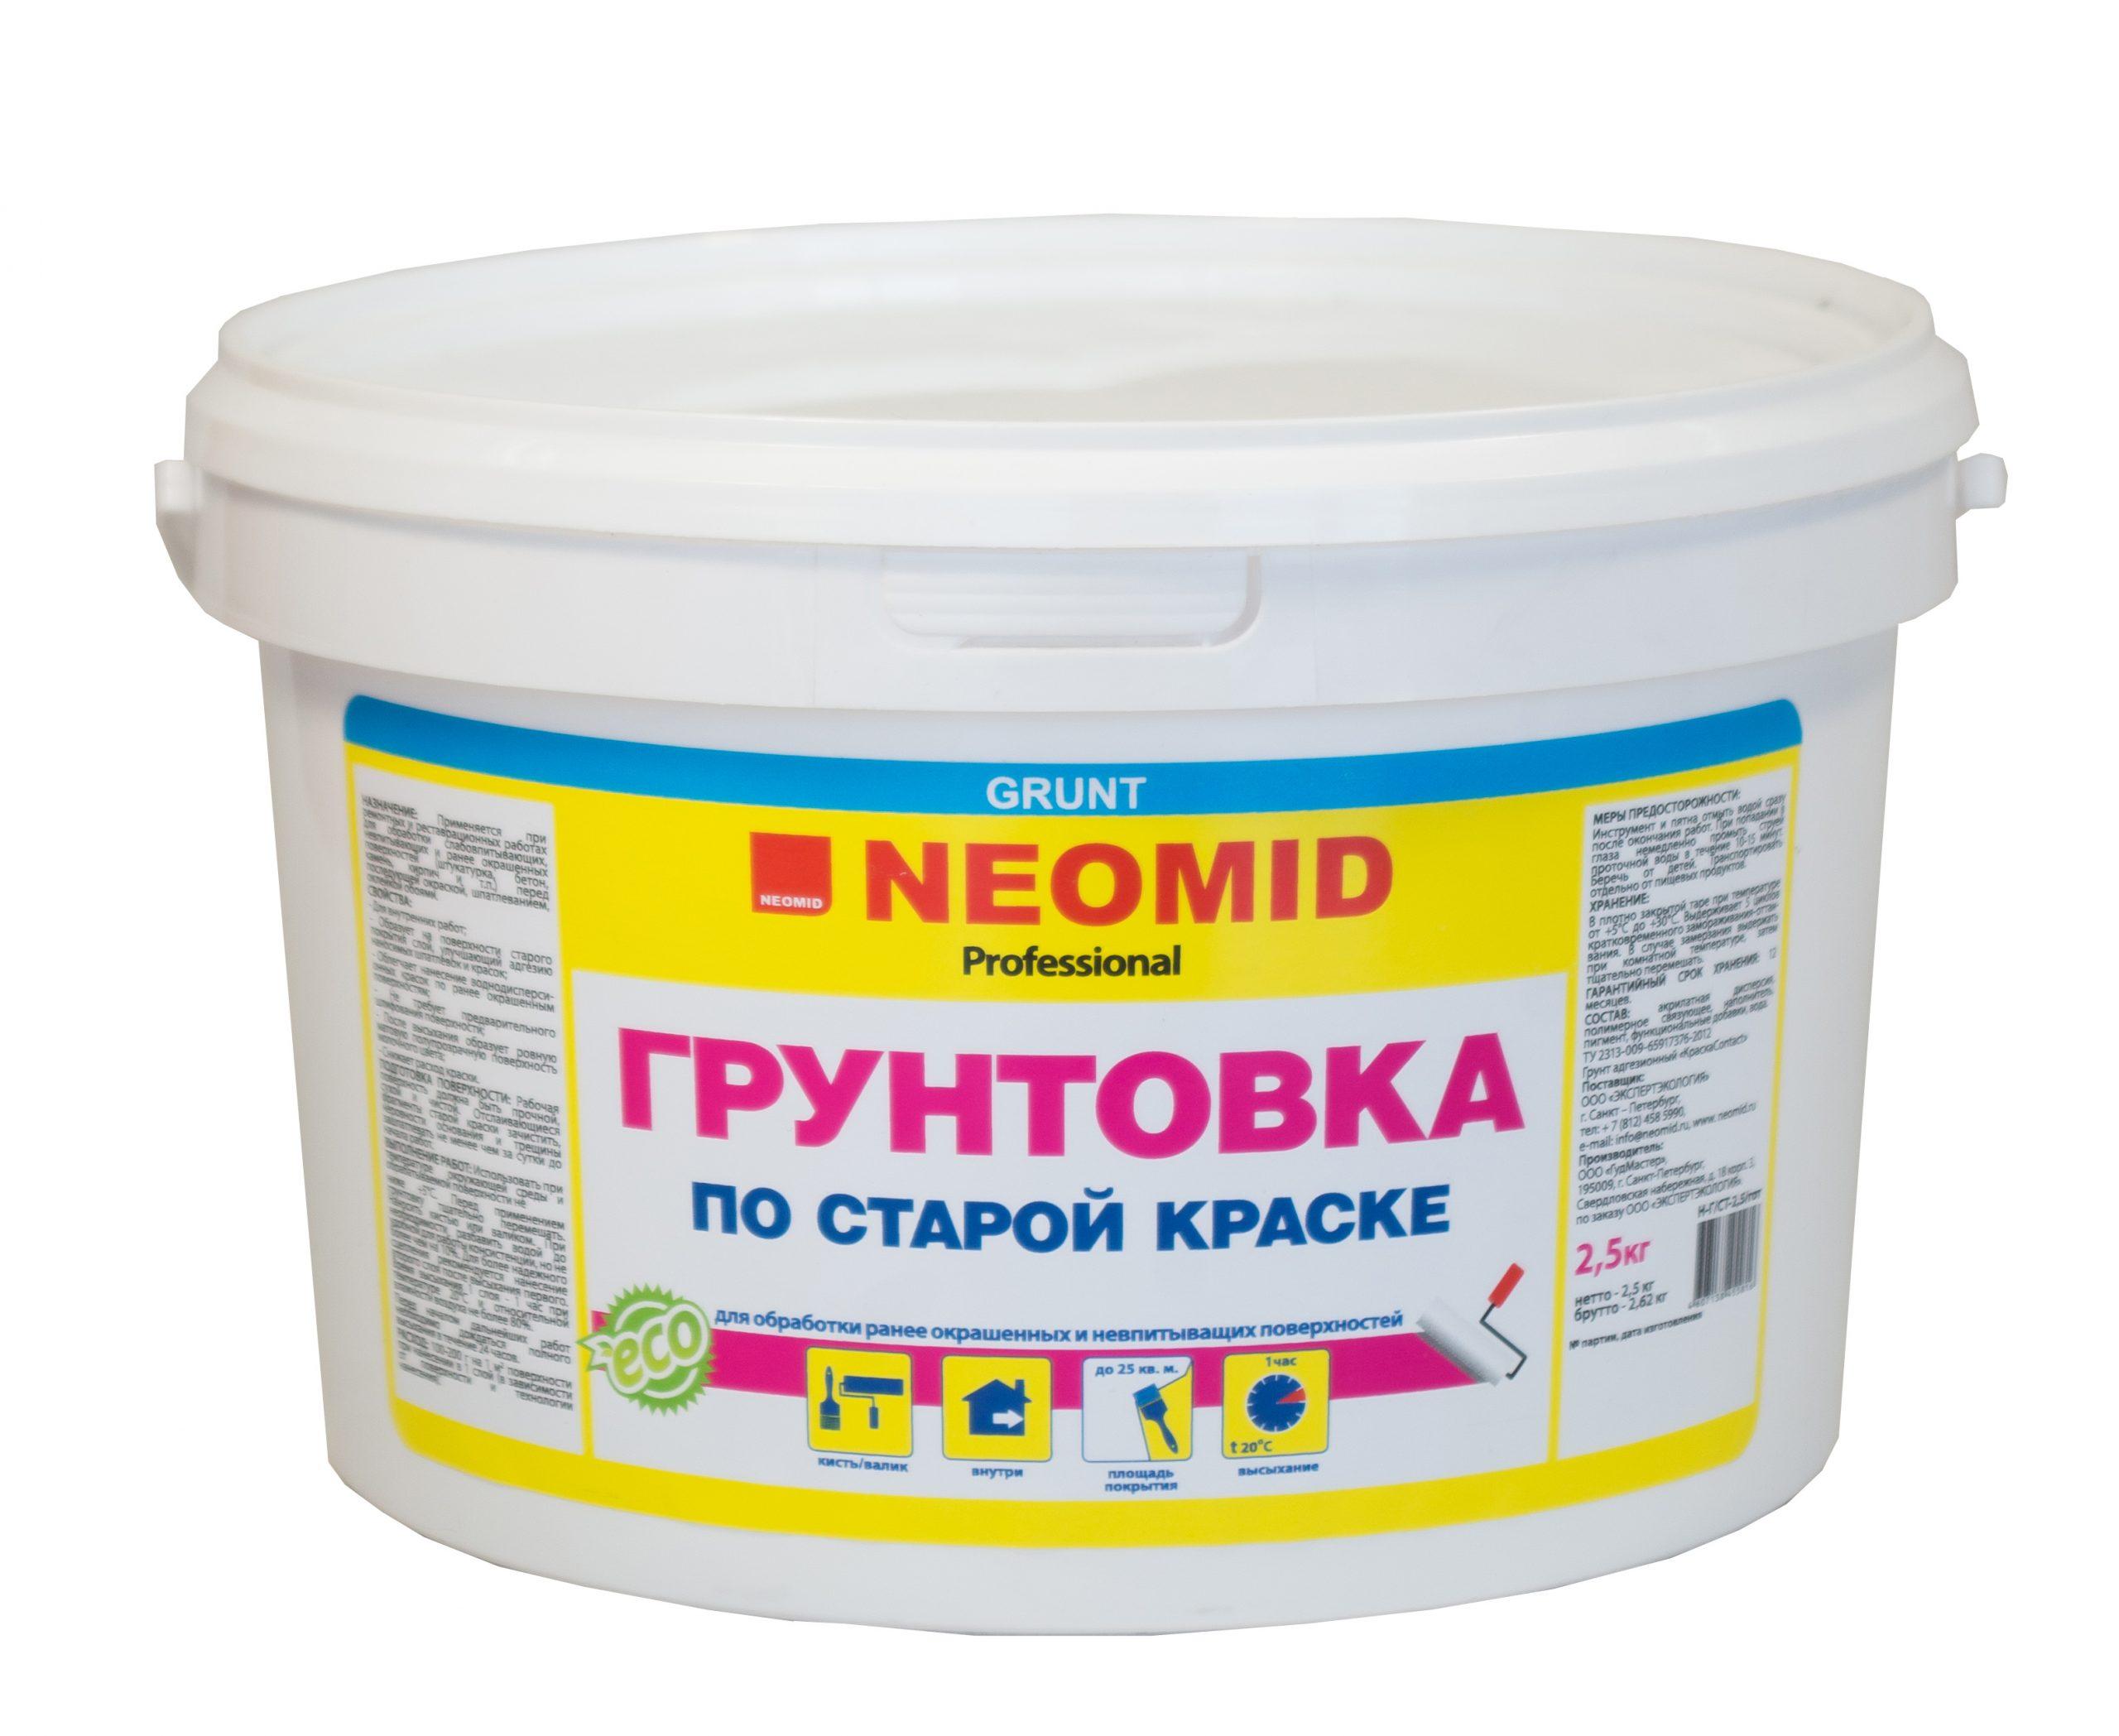 Грунтовка Neomid